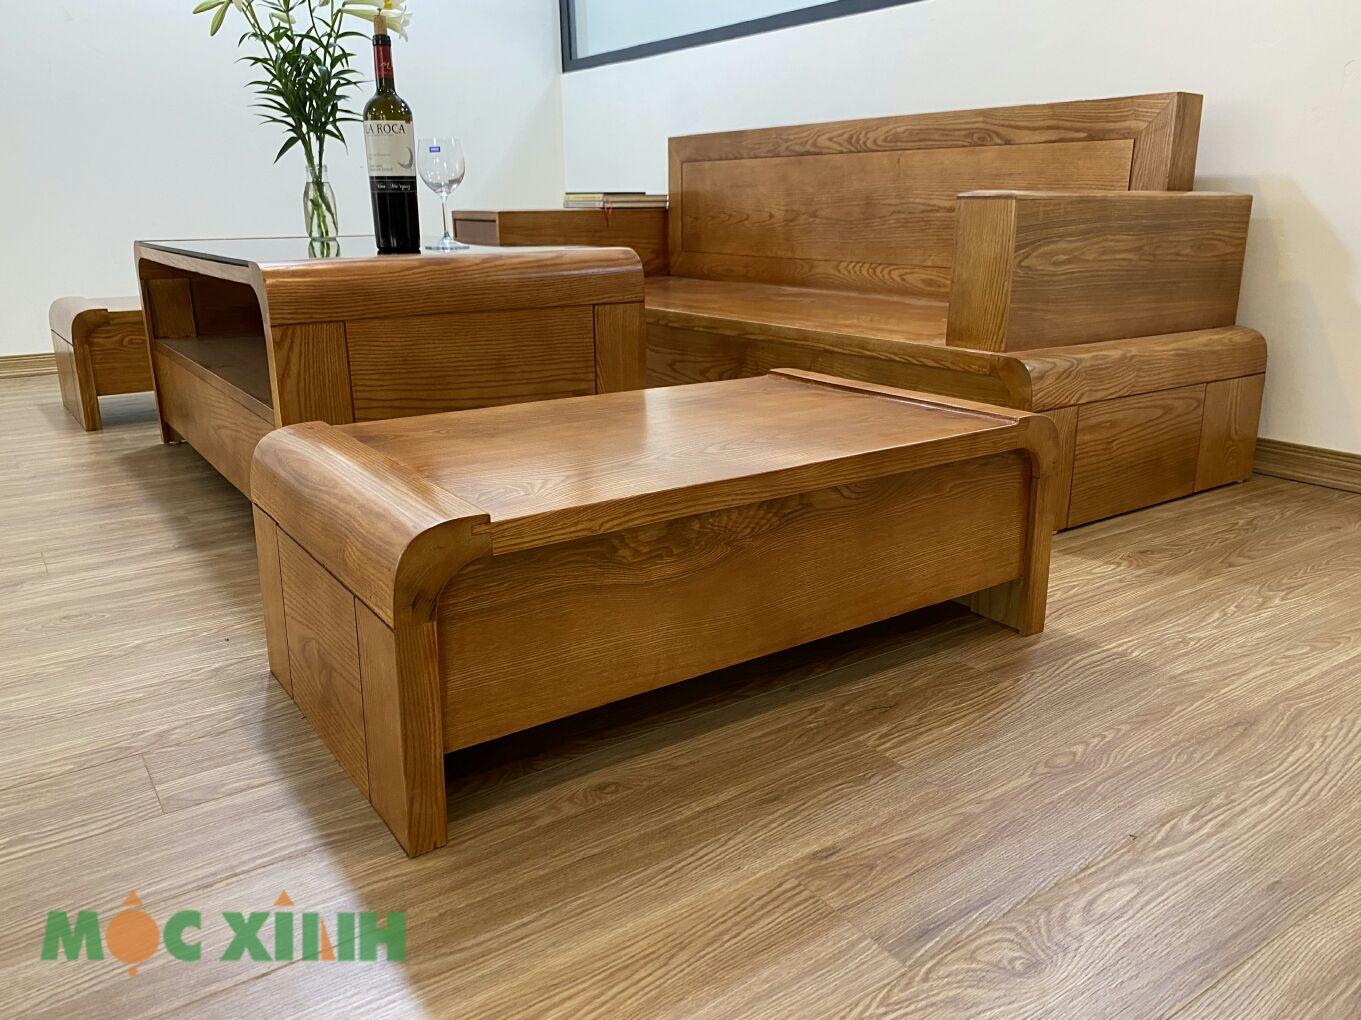 Mẫu bộ bàn ghế phòng khách gỗ sồi có thiết kế chữ U